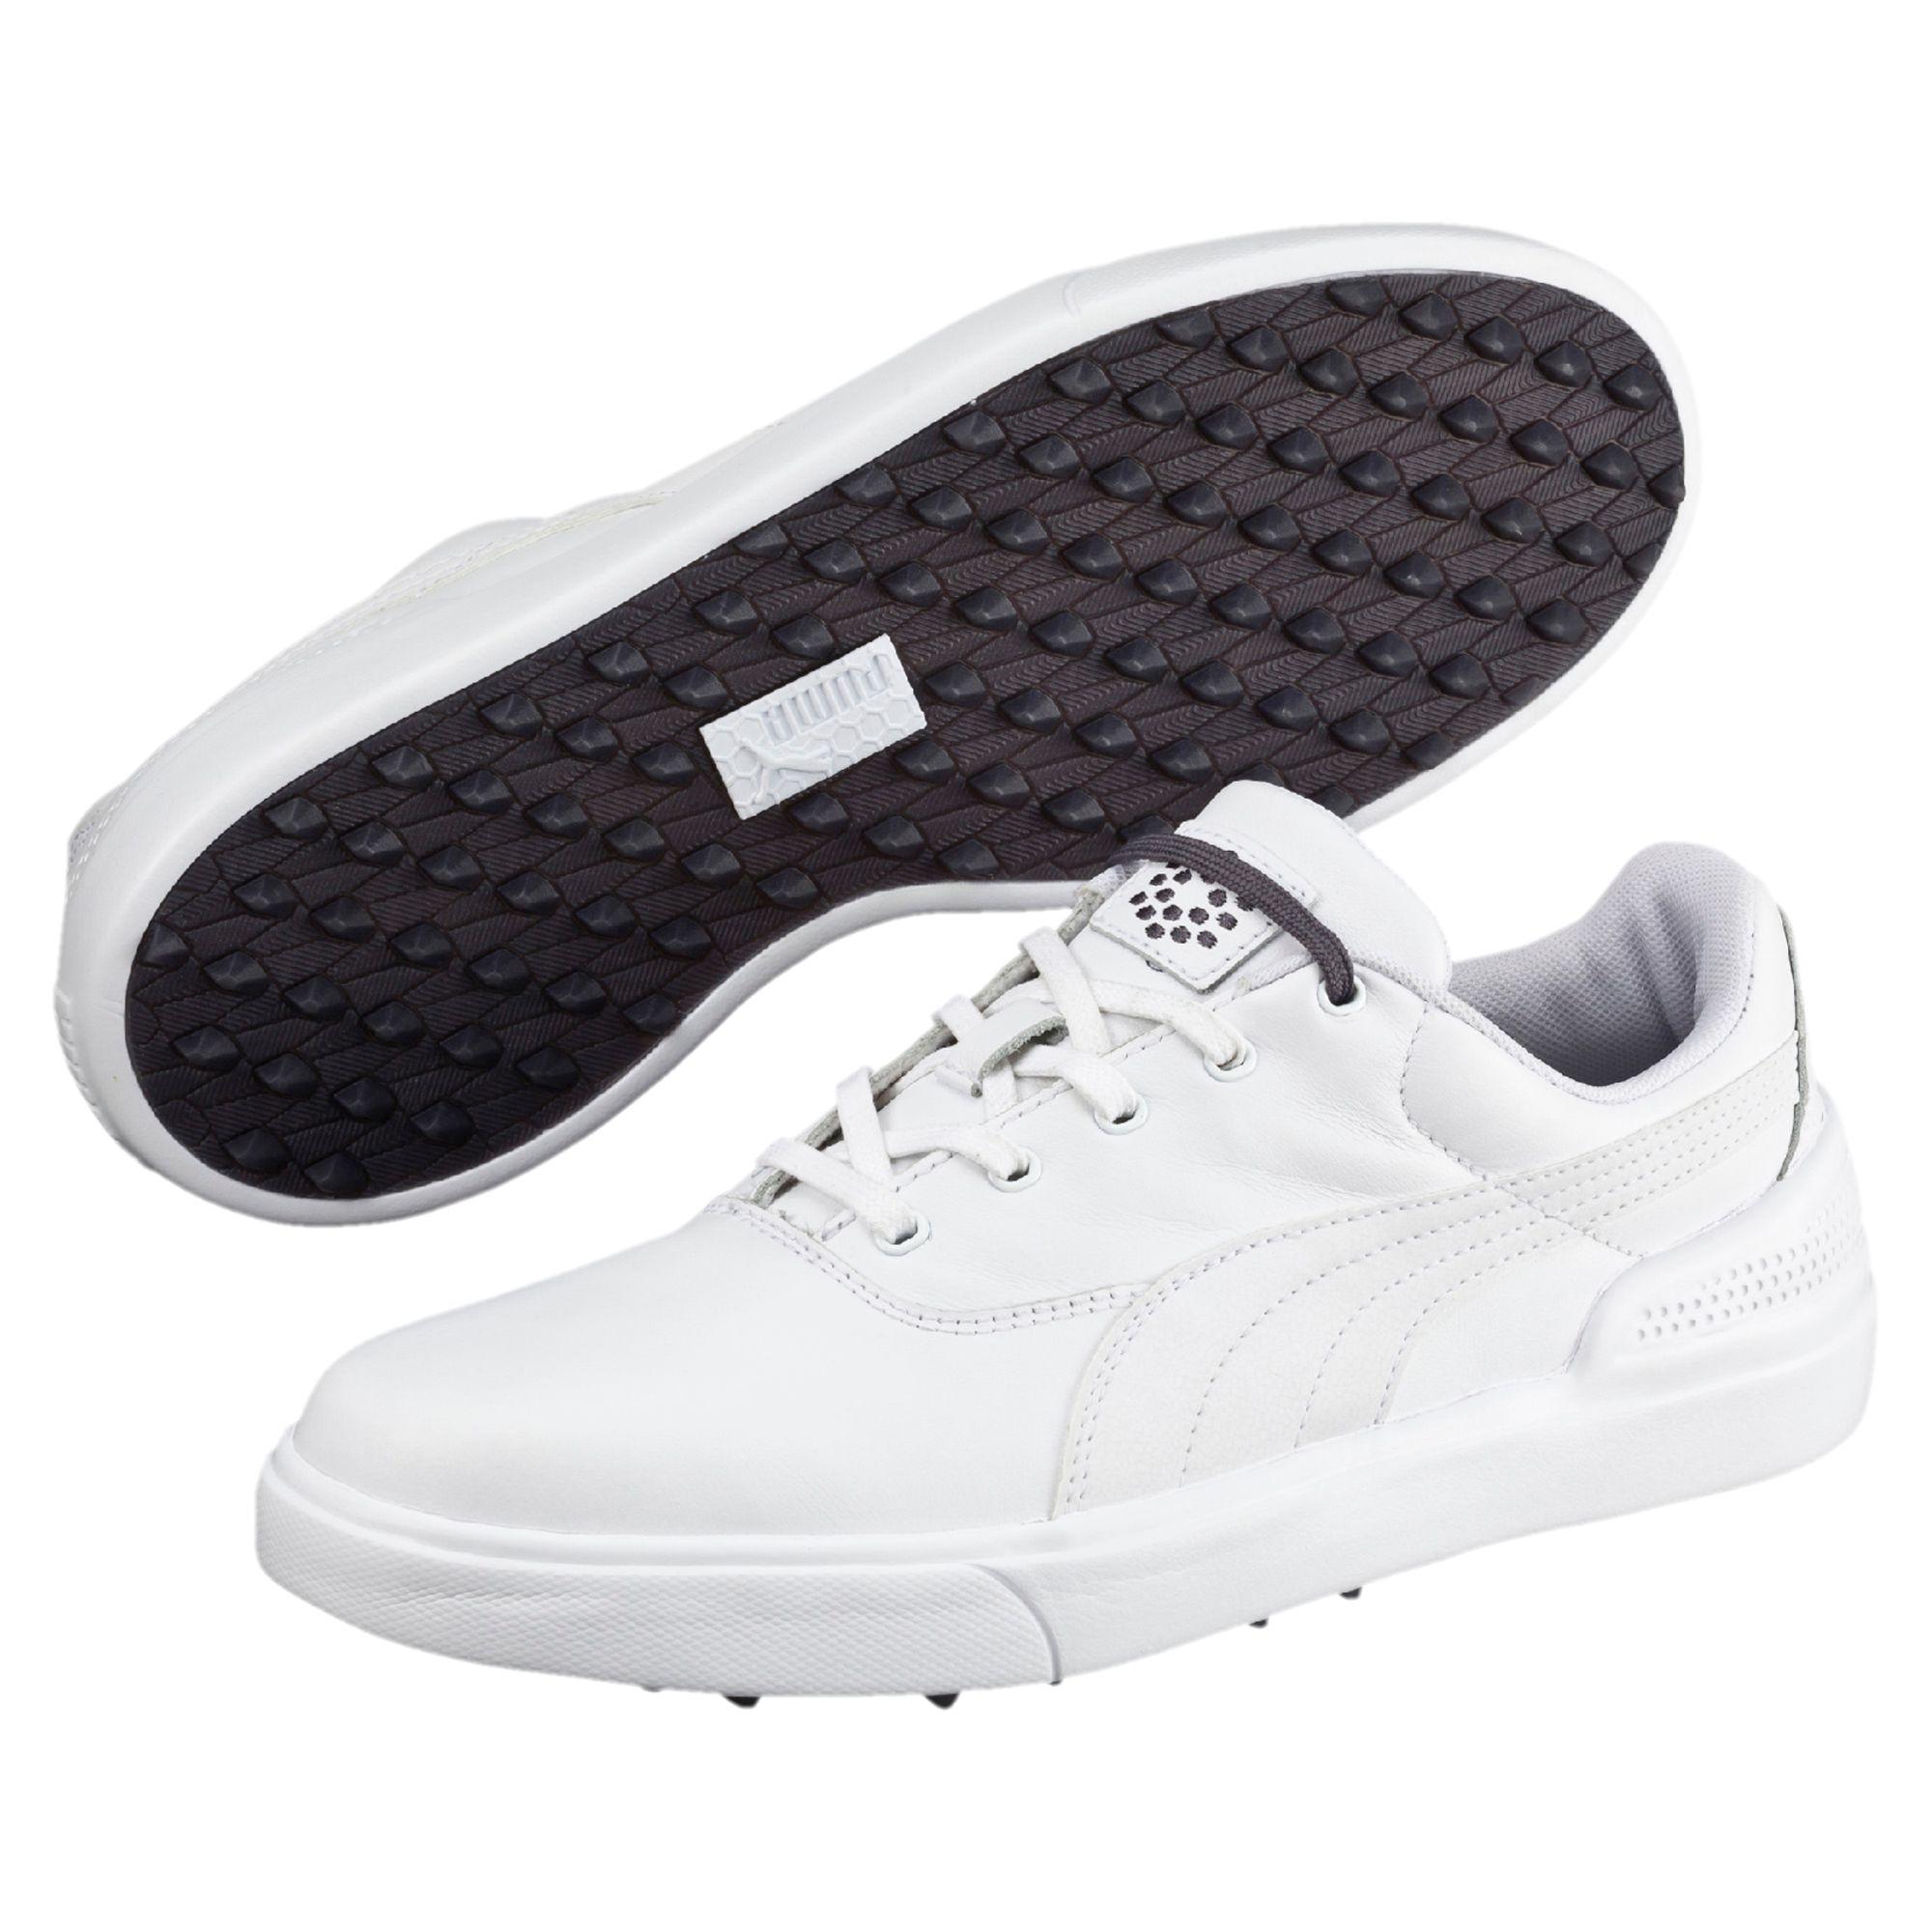 Mono Lite v2 обуви для гольфа